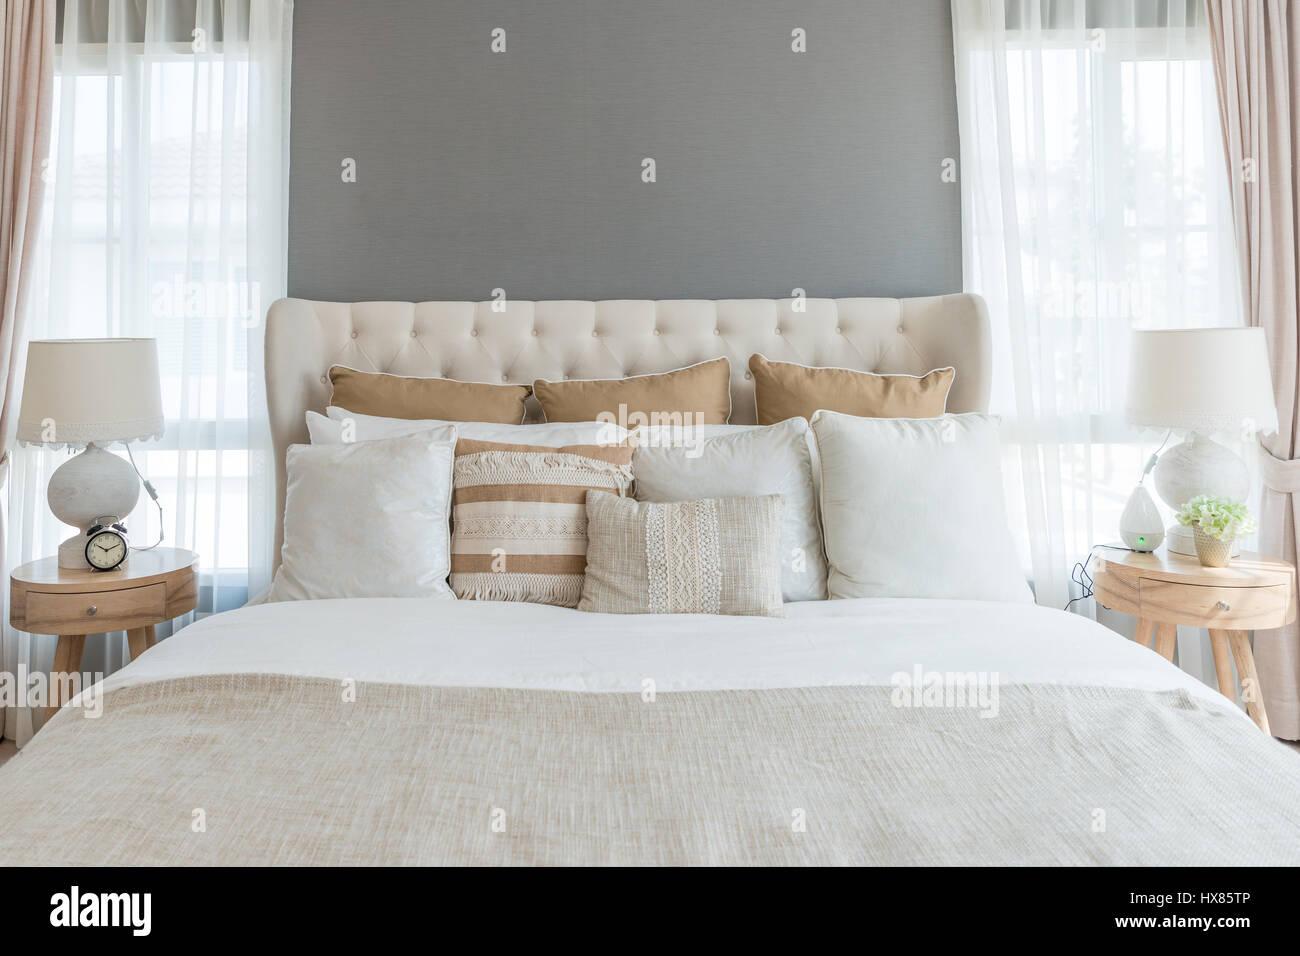 Fantastisch Schlafzimmer In Warmen Hellen Farben. Großes Bequemes Doppelbett Im  Eleganten Klassischen Schlafzimmer Zu Hause.